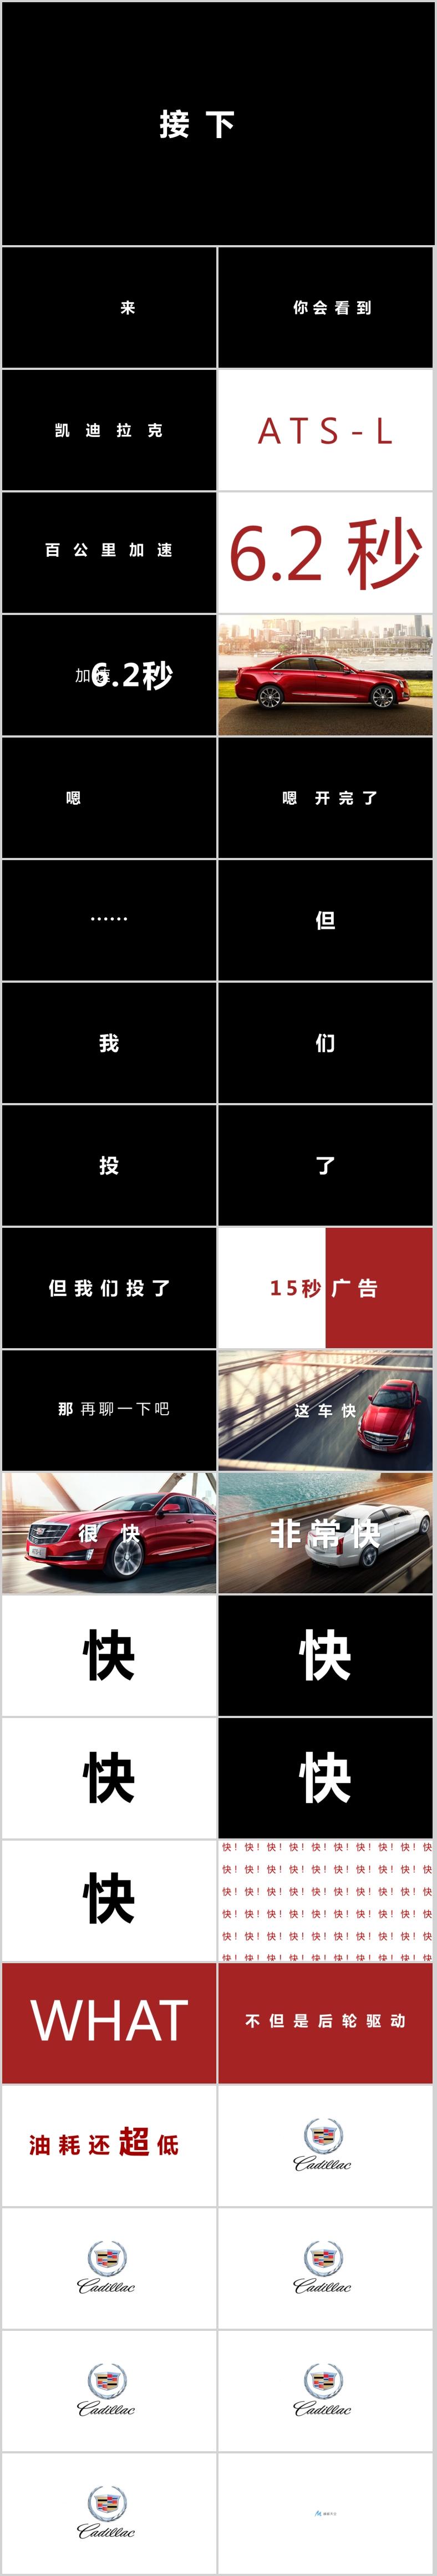 超快节奏快闪PPT视频凯迪拉克宣传模板可导出为视频